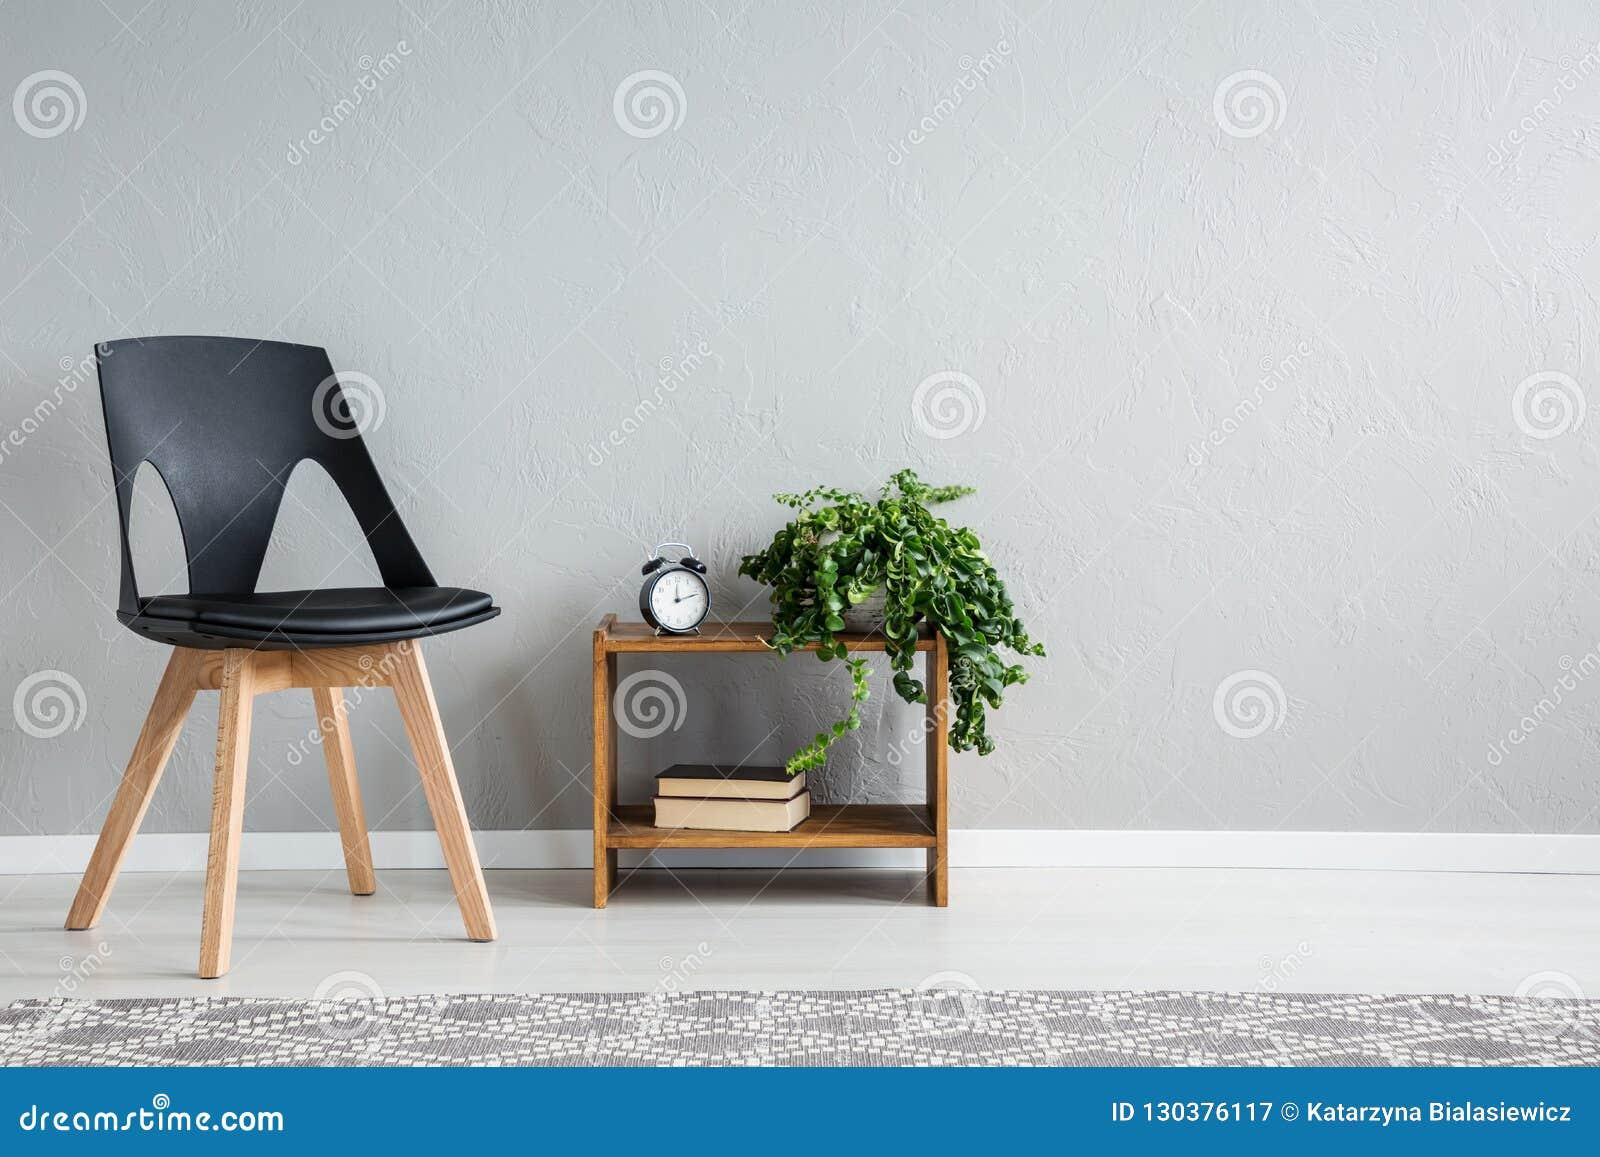 Стильный черный стул рядом с полкой с 2 книгами, часами и зелеными растениями в баке